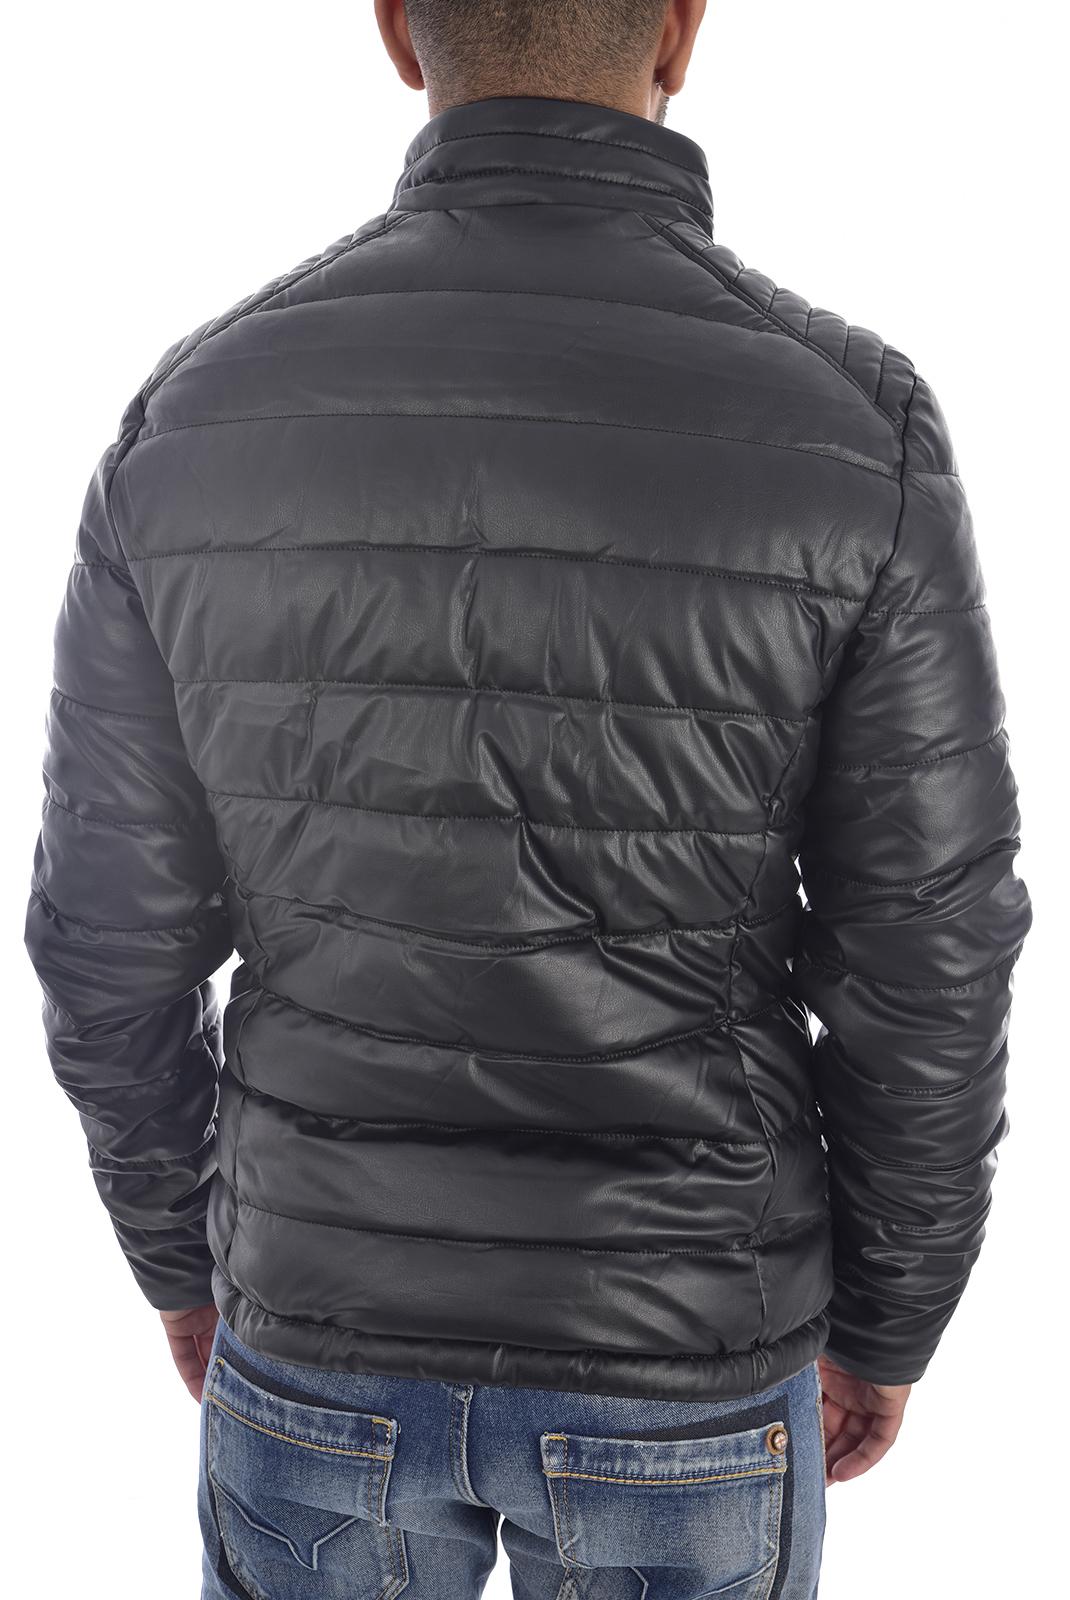 Blousons / doudounes  Guess jeans M0BL43 WABC0 JBLK